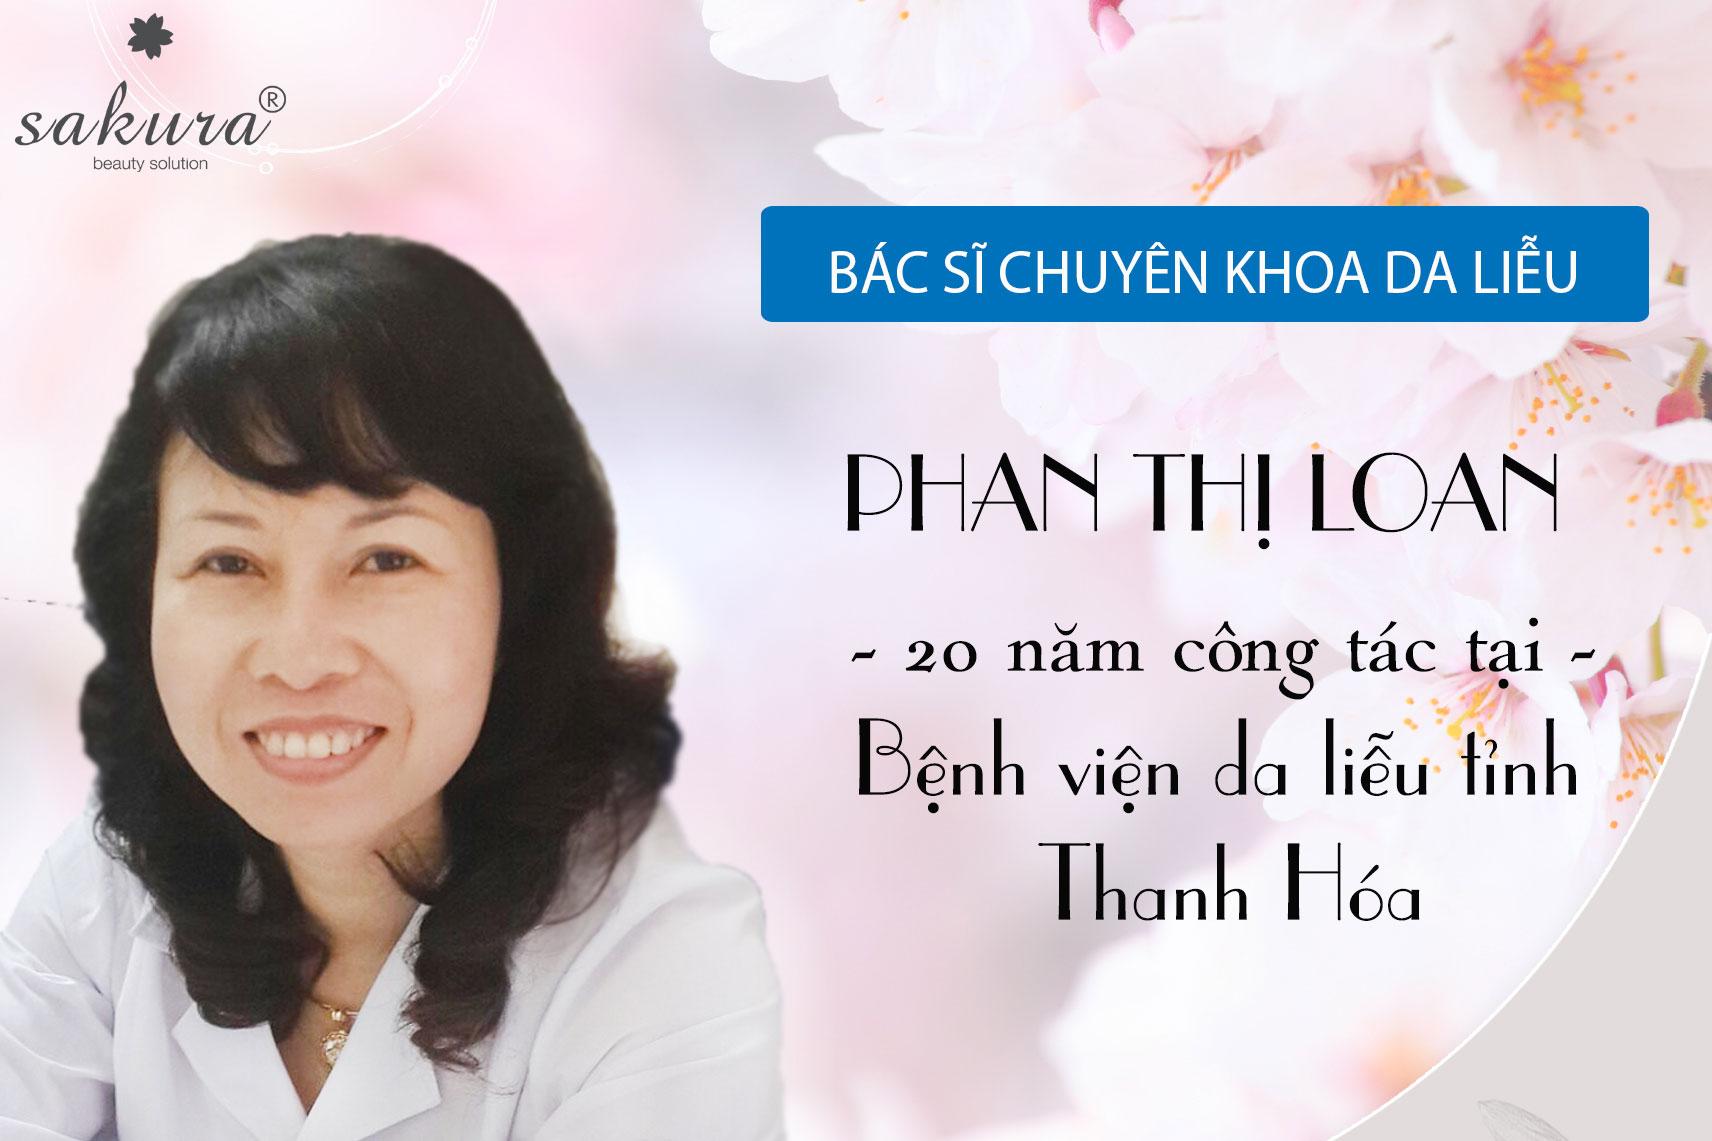 Bác sĩ Phan Thị Loan – cố vấn chuyên môn của Sakura tại Thanh Hóa